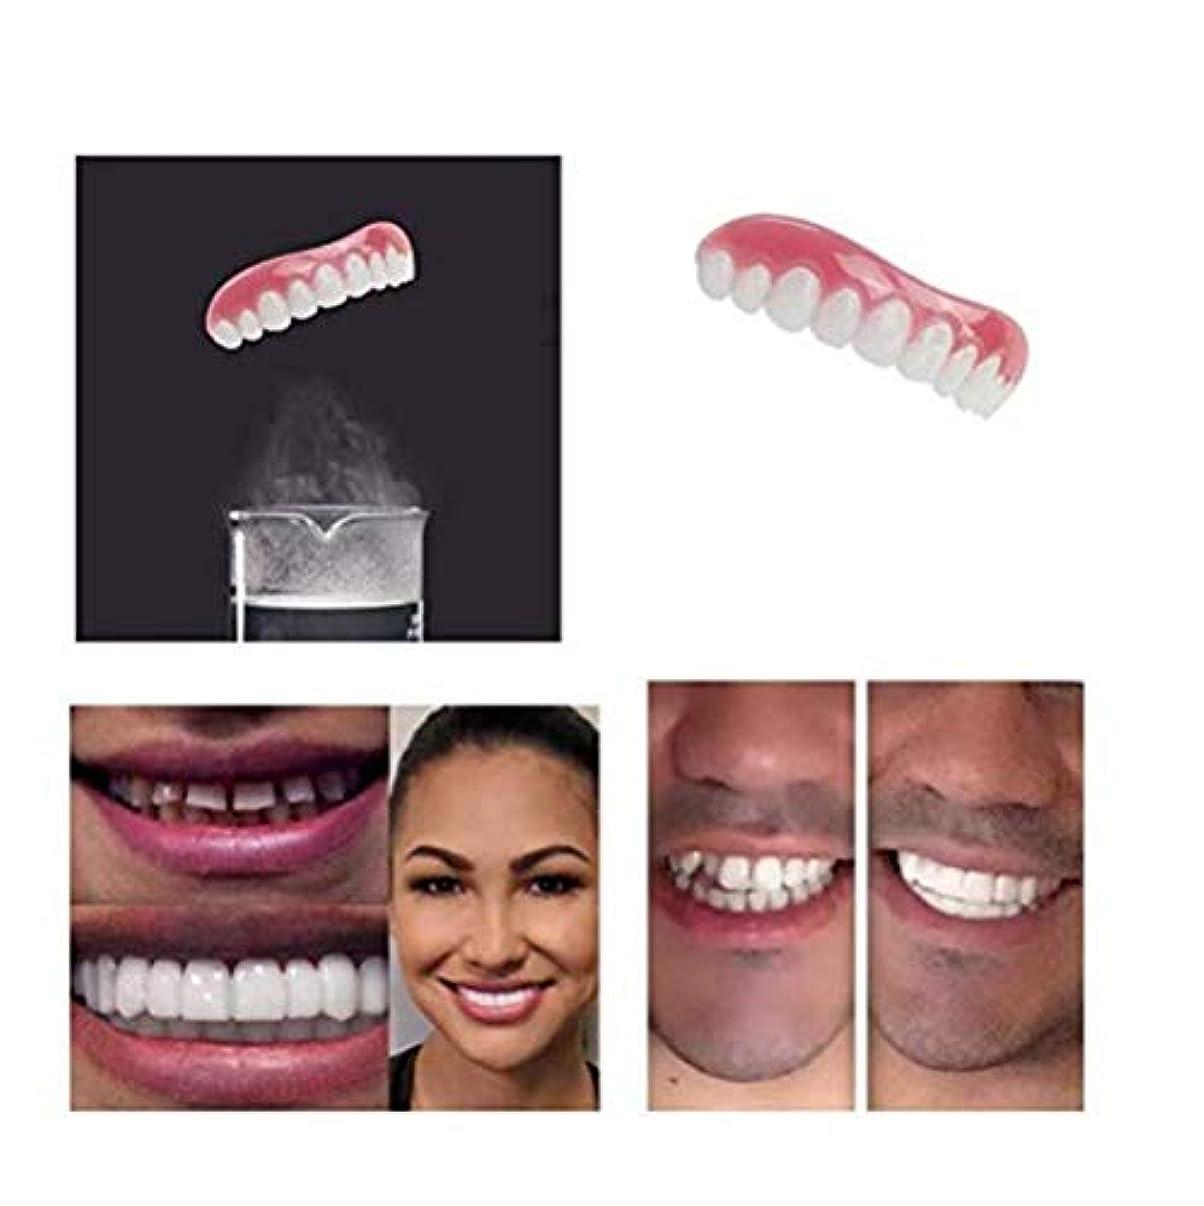 多年生神話める快適なフィットフレックス化粧歯義歯歯のトップ化粧ベニアホワイトニングスマイルデンタル